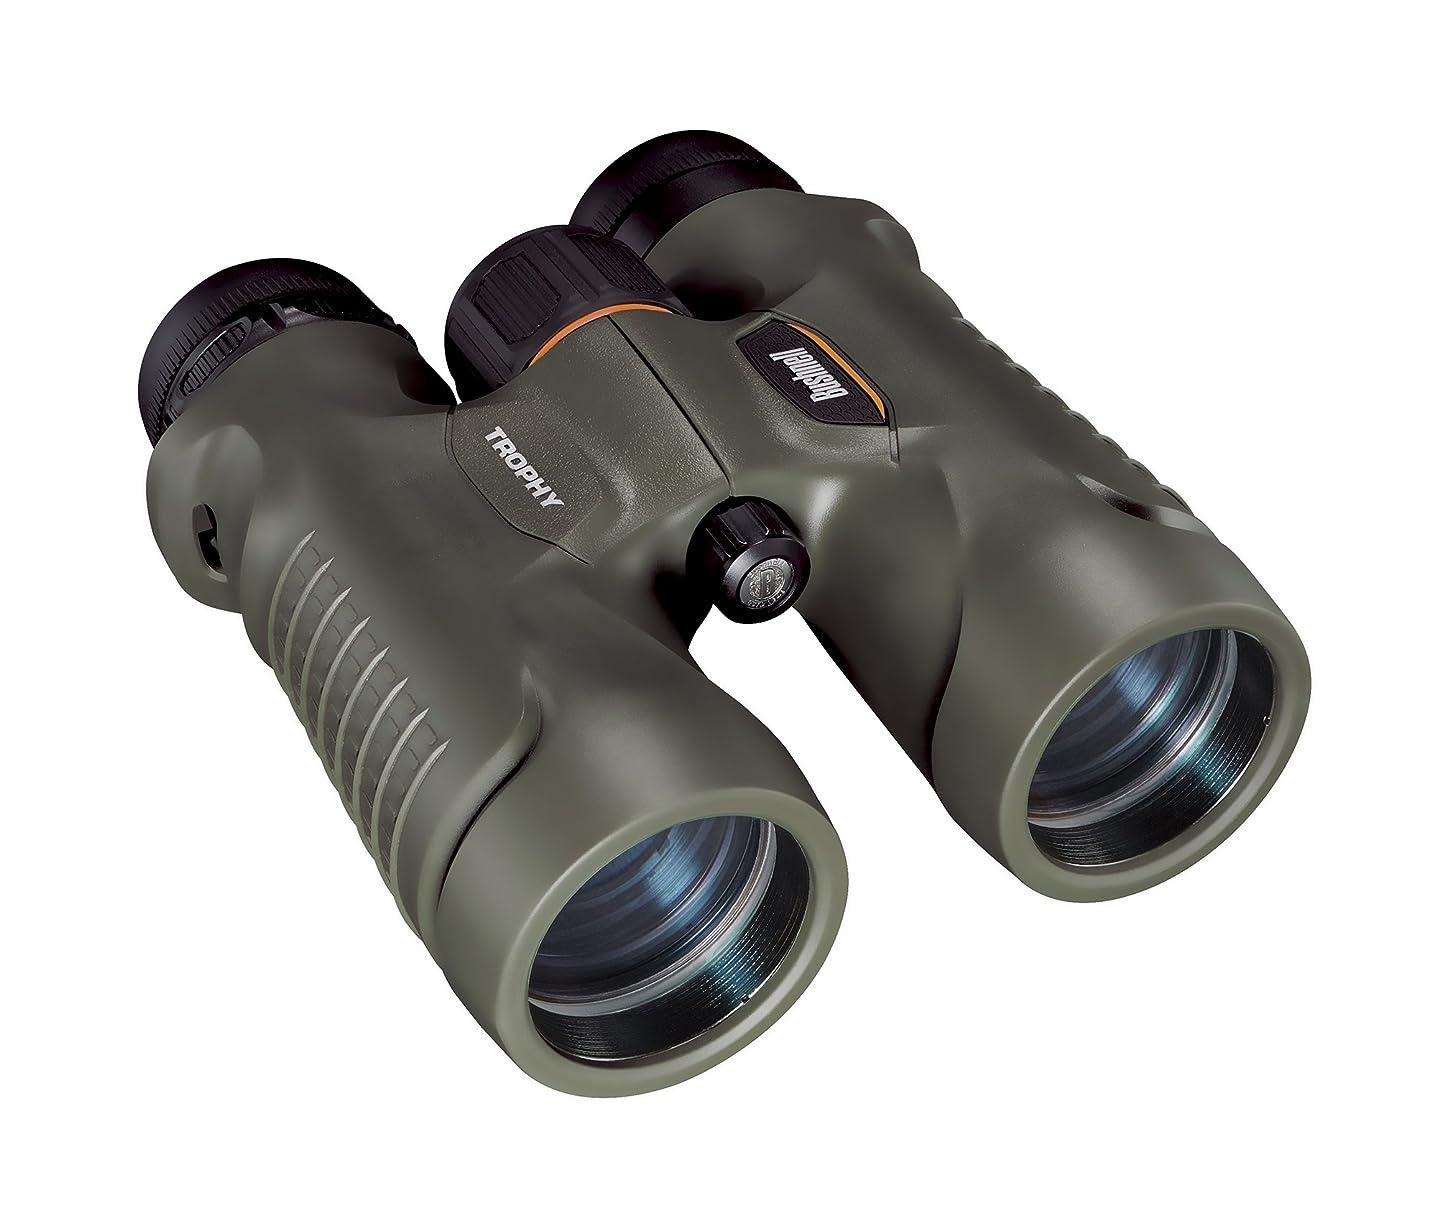 吹きさらし賠償タイヤ[日本正規品] Bushnell ブッシュネル 双眼鏡 トロフィー 10×42#334212